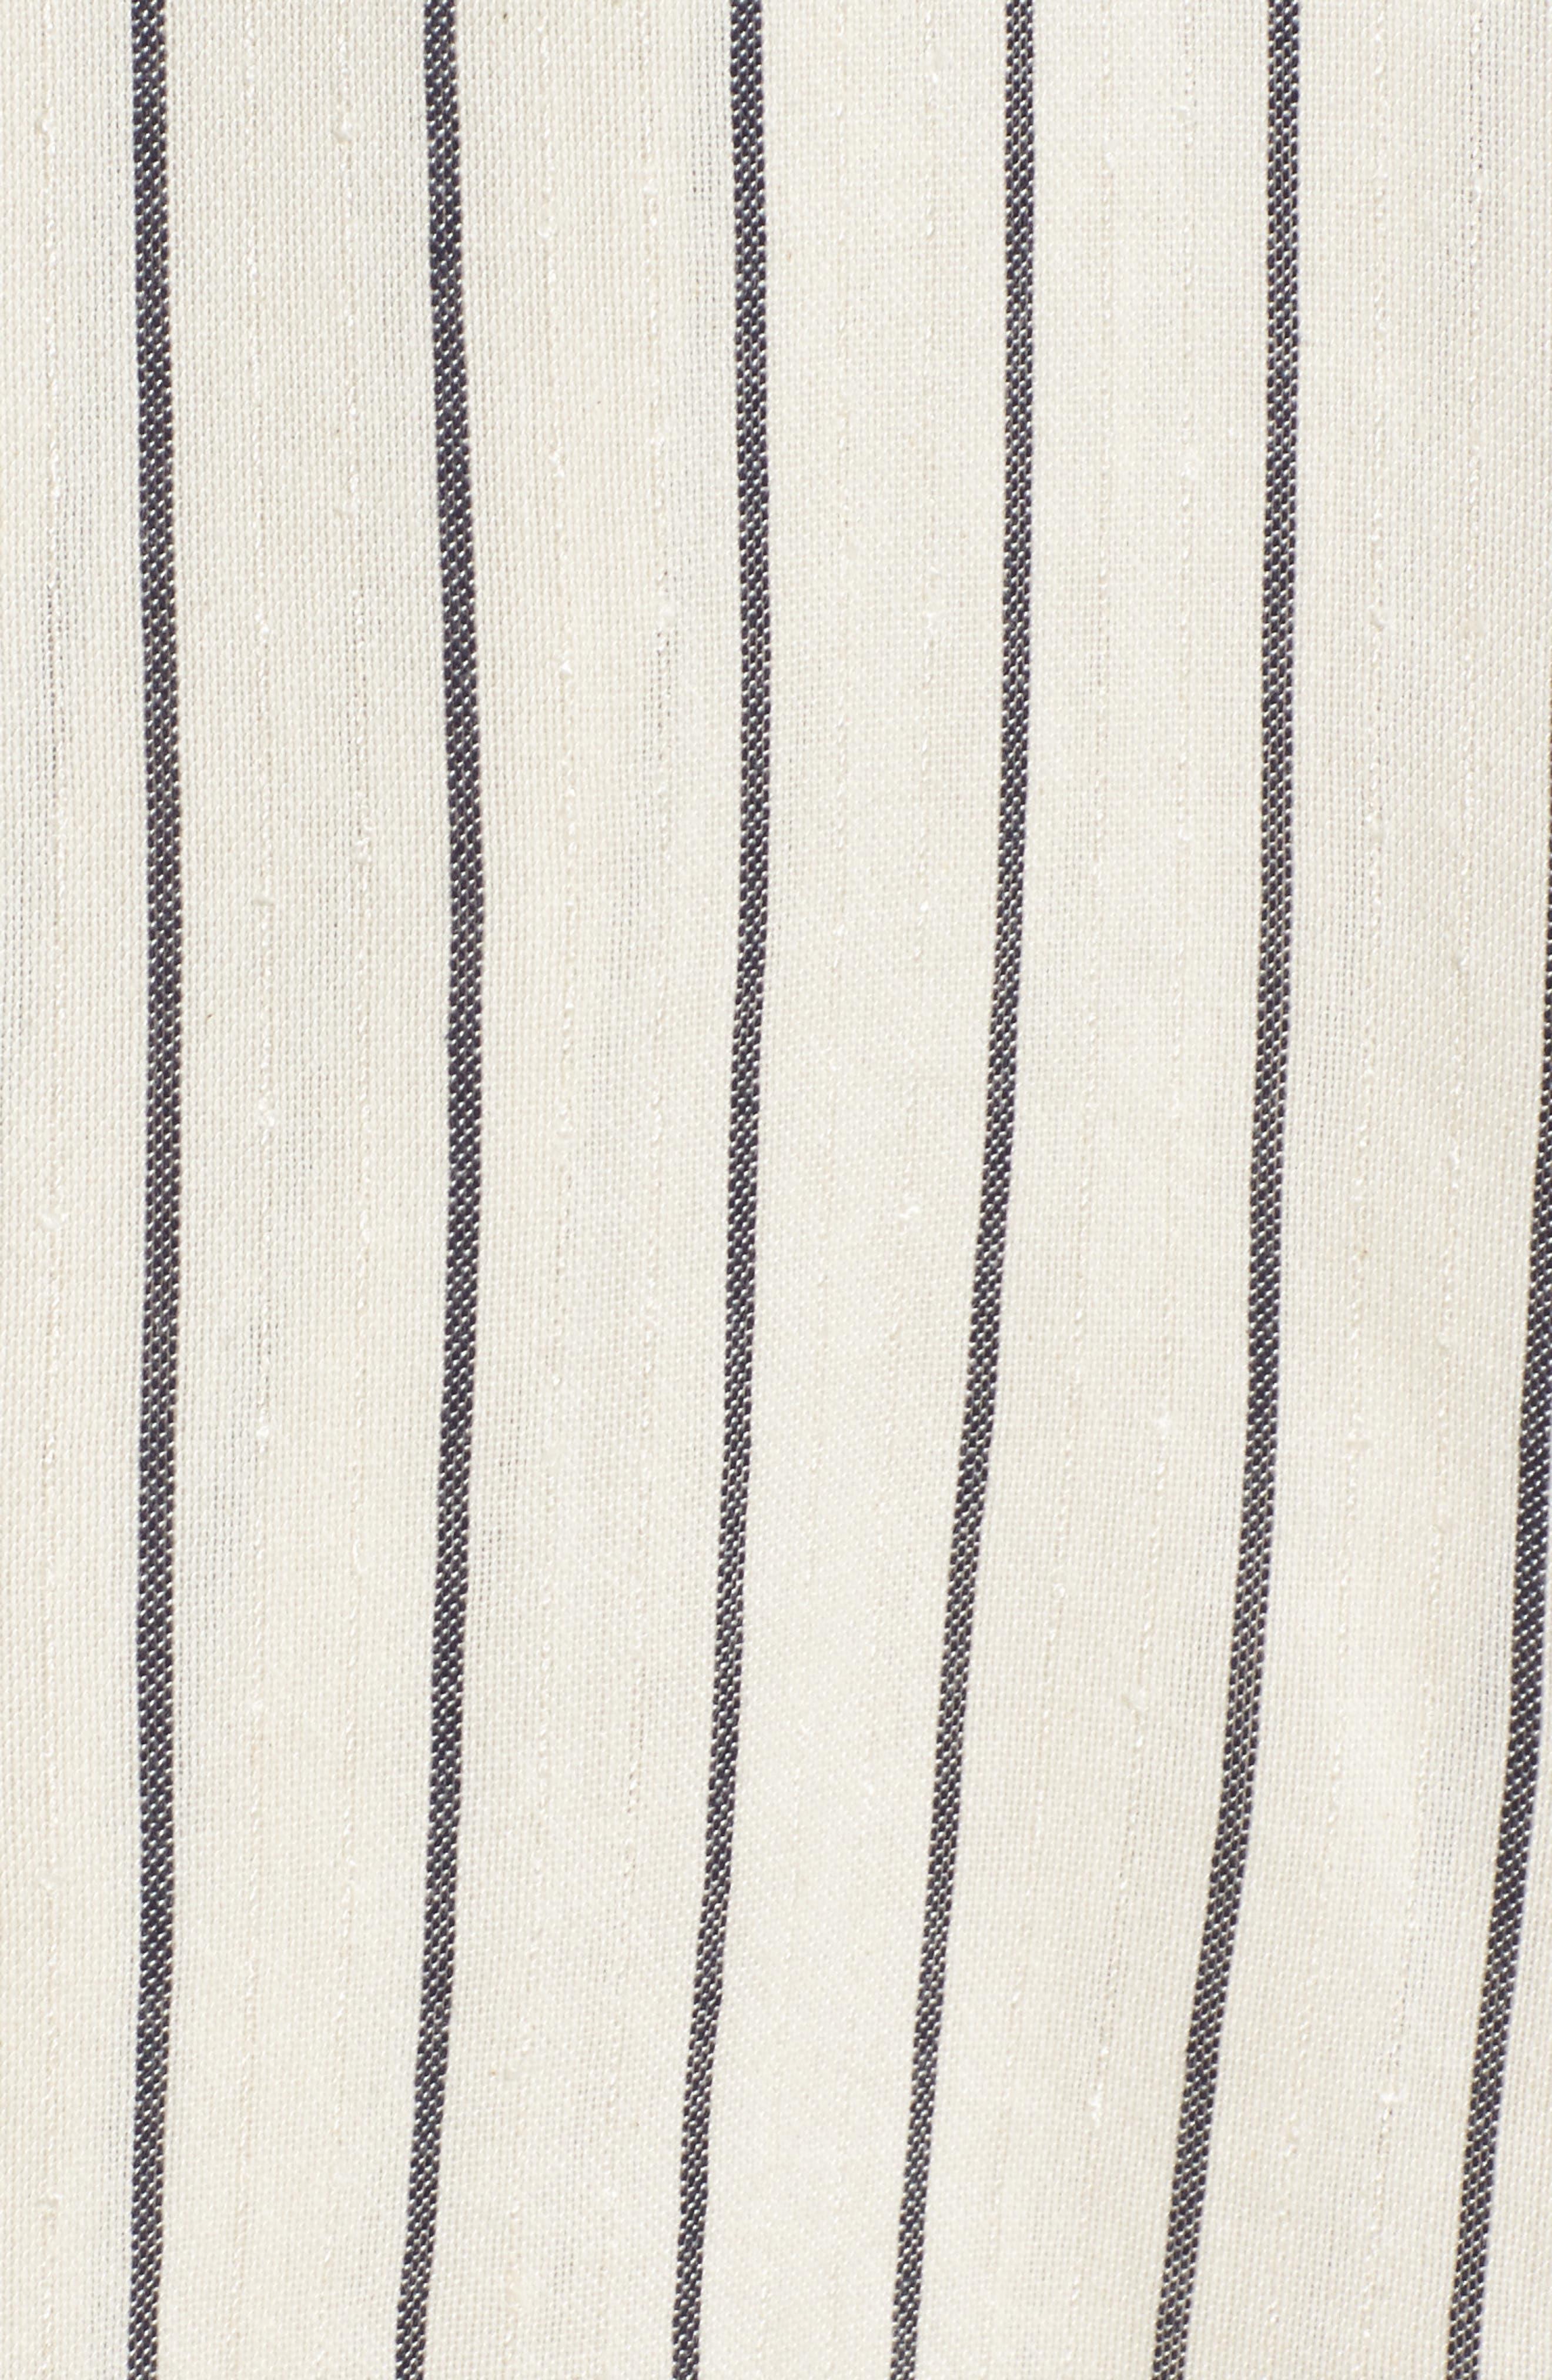 Robe Life Striped Midi Dress,                             Alternate thumbnail 5, color,                             190